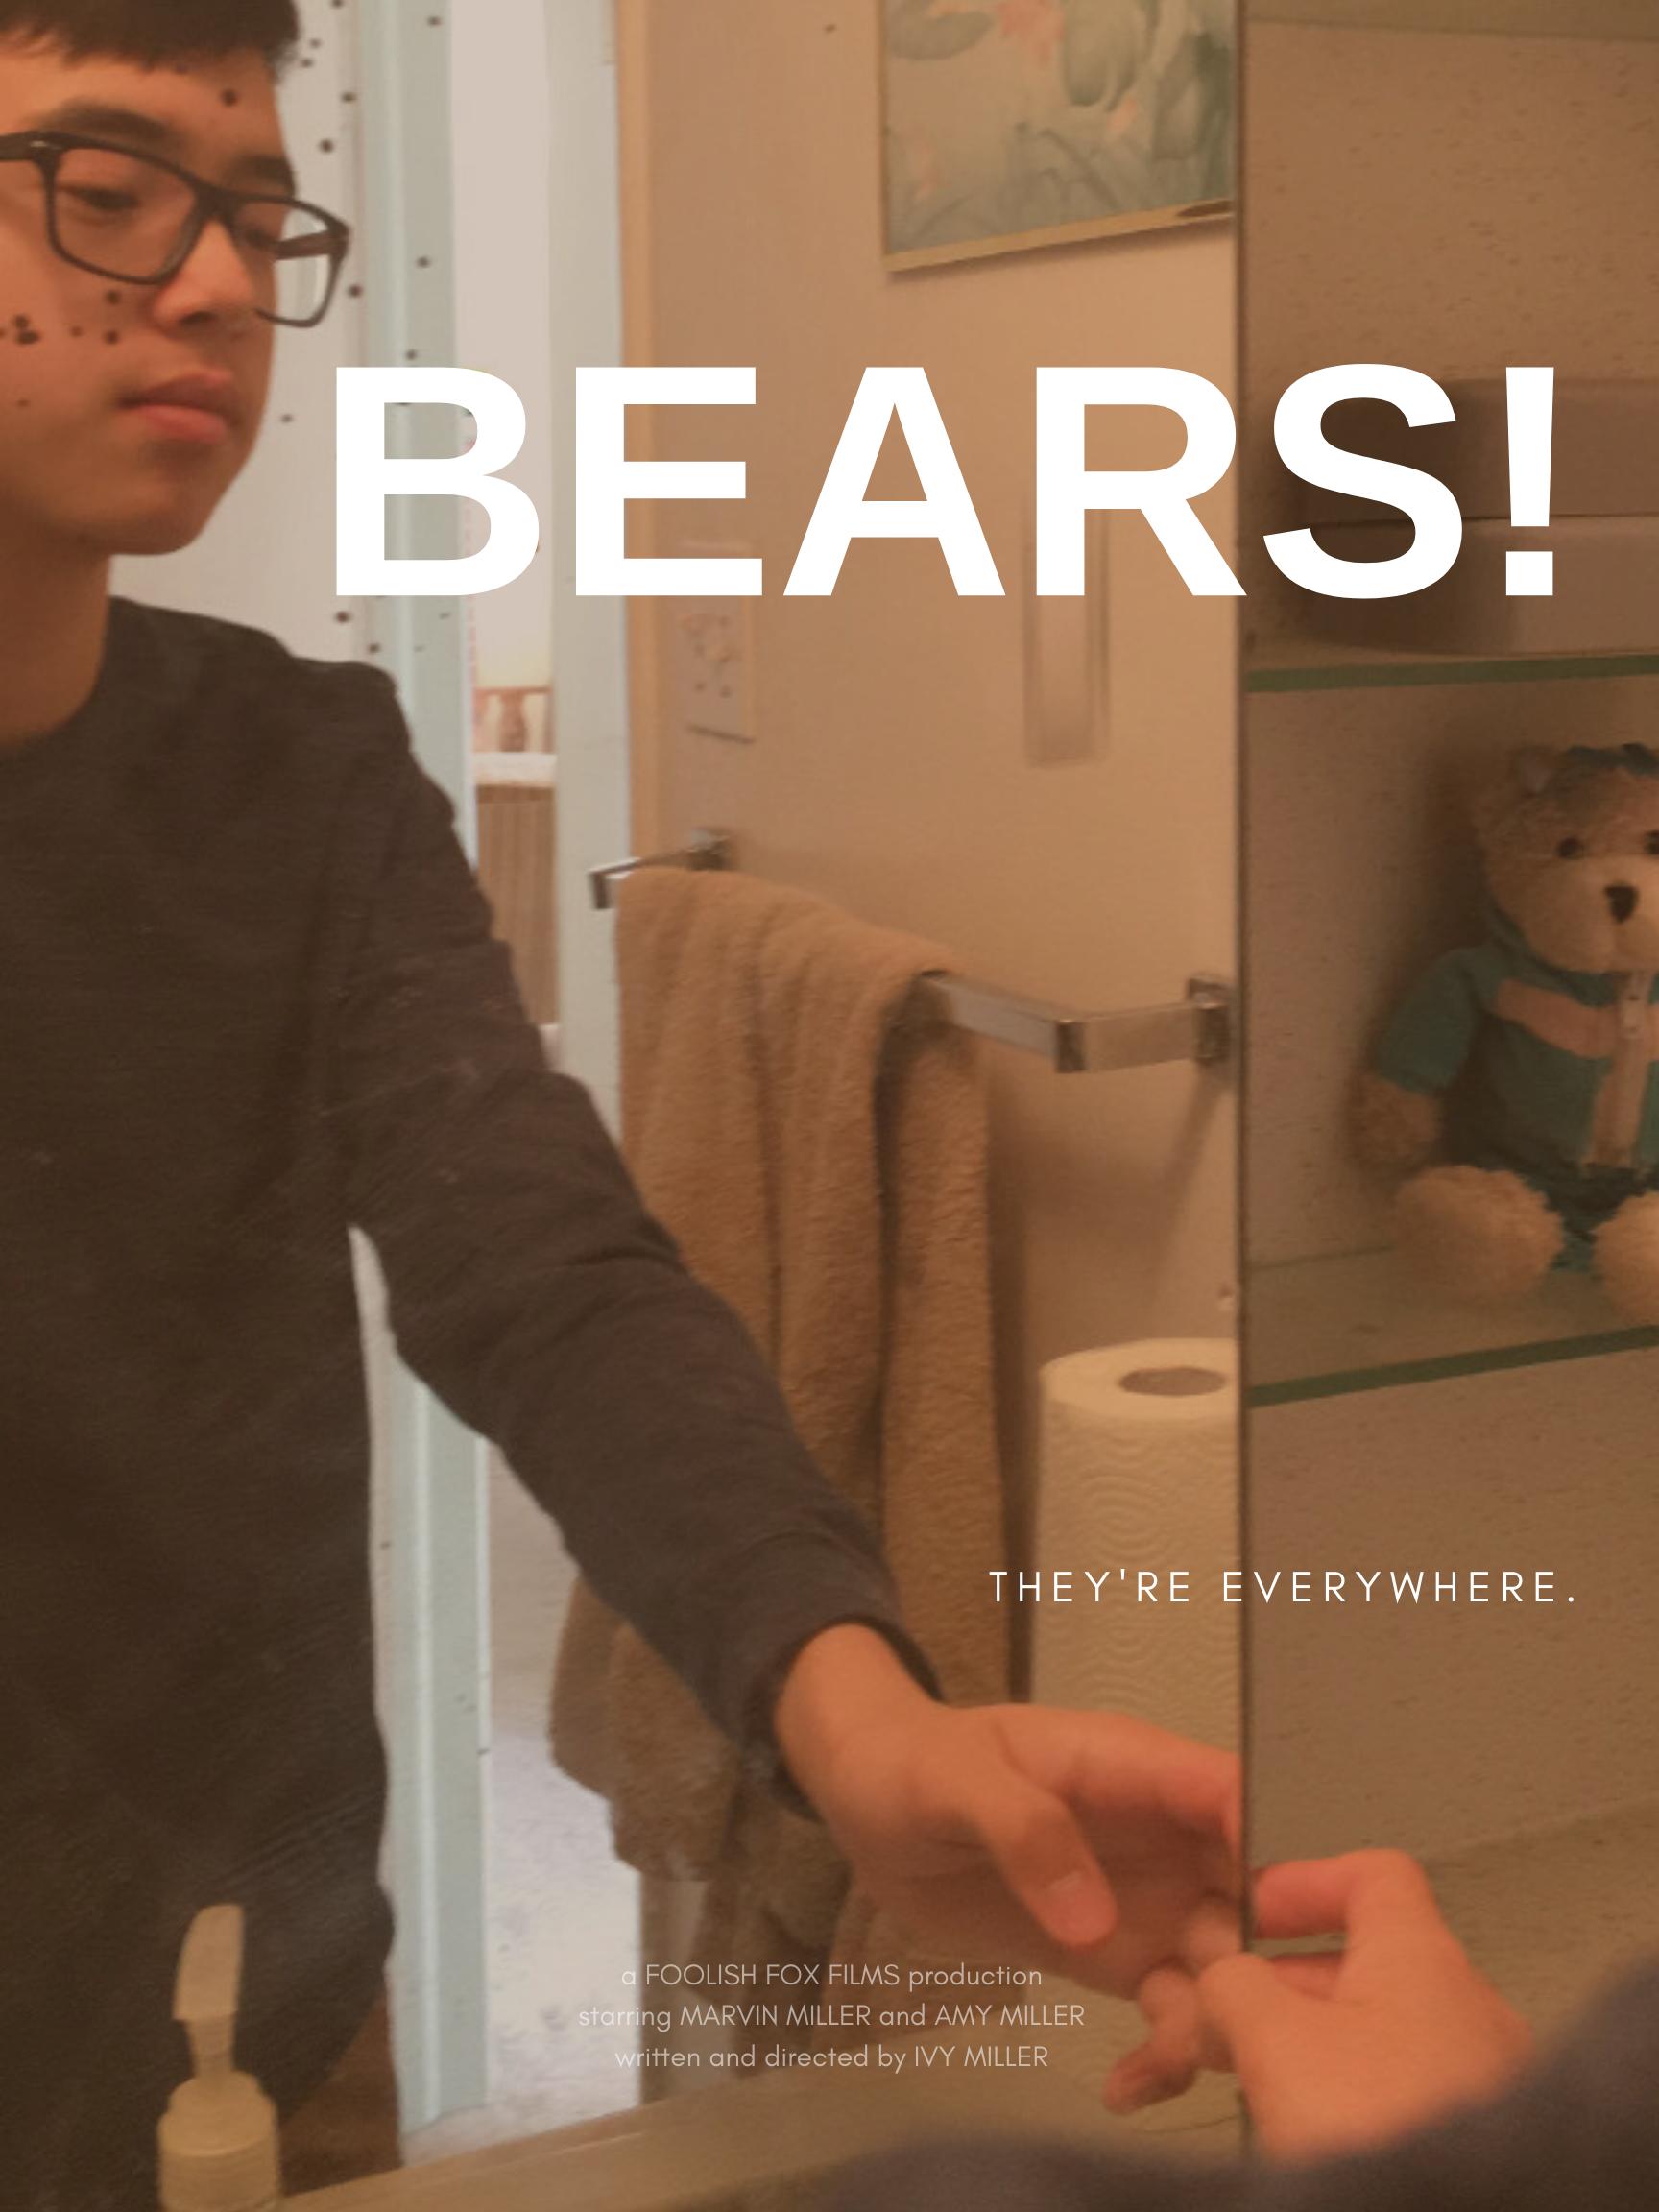 BEARS! poster 1